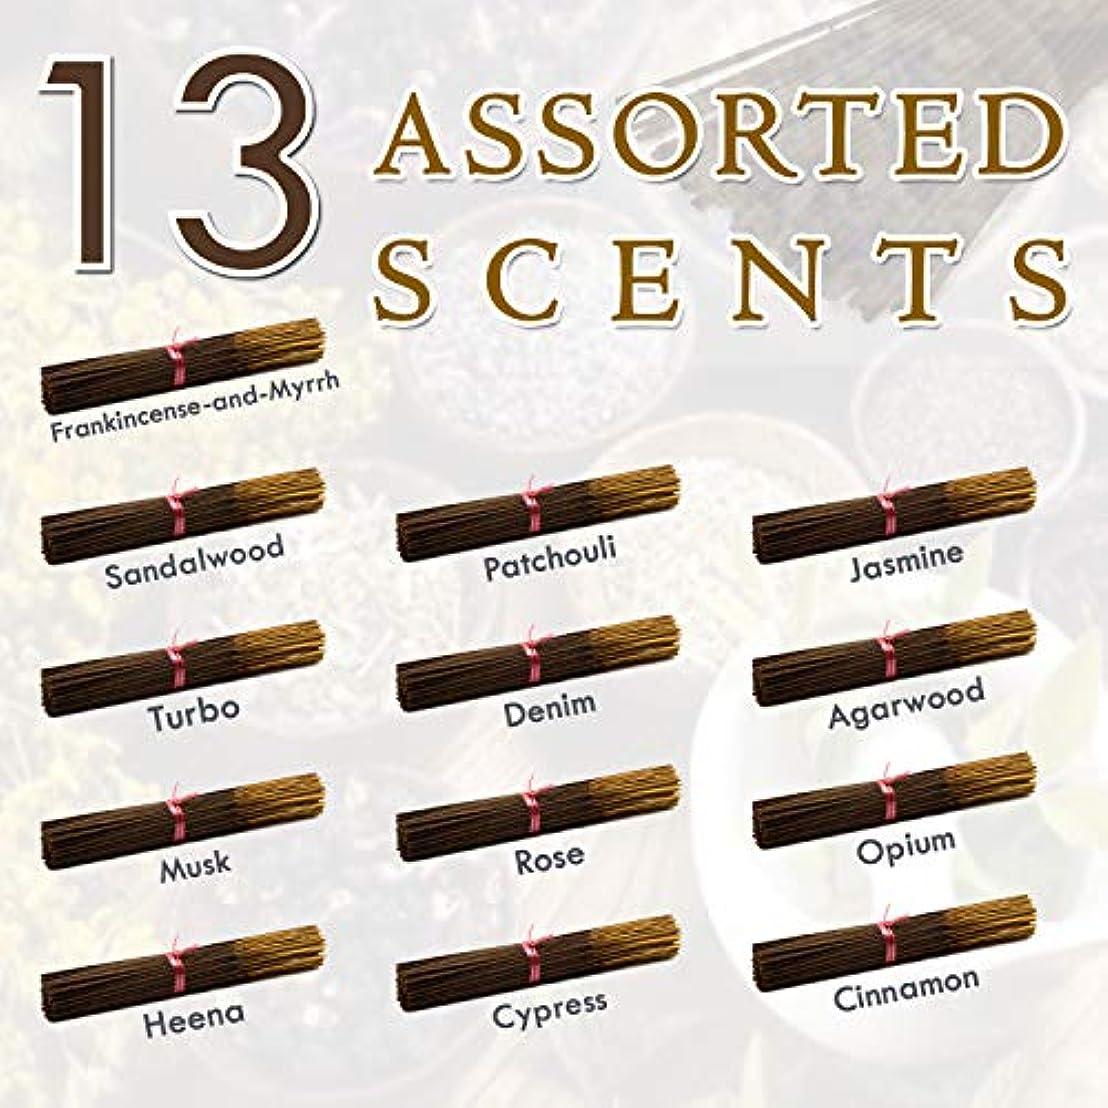 稼ぐ同等の敵独占的な12種類の香り-乳香-ミルラ-サンダルウッド-パチョリ-ジャスミン-トゥルボ-デニム-ガーウッド-ム-ム-オピウム-ヘナ-サイプレス- 100%-天然インセンス-スティックハンドメイド - 手作り - 240-パック -